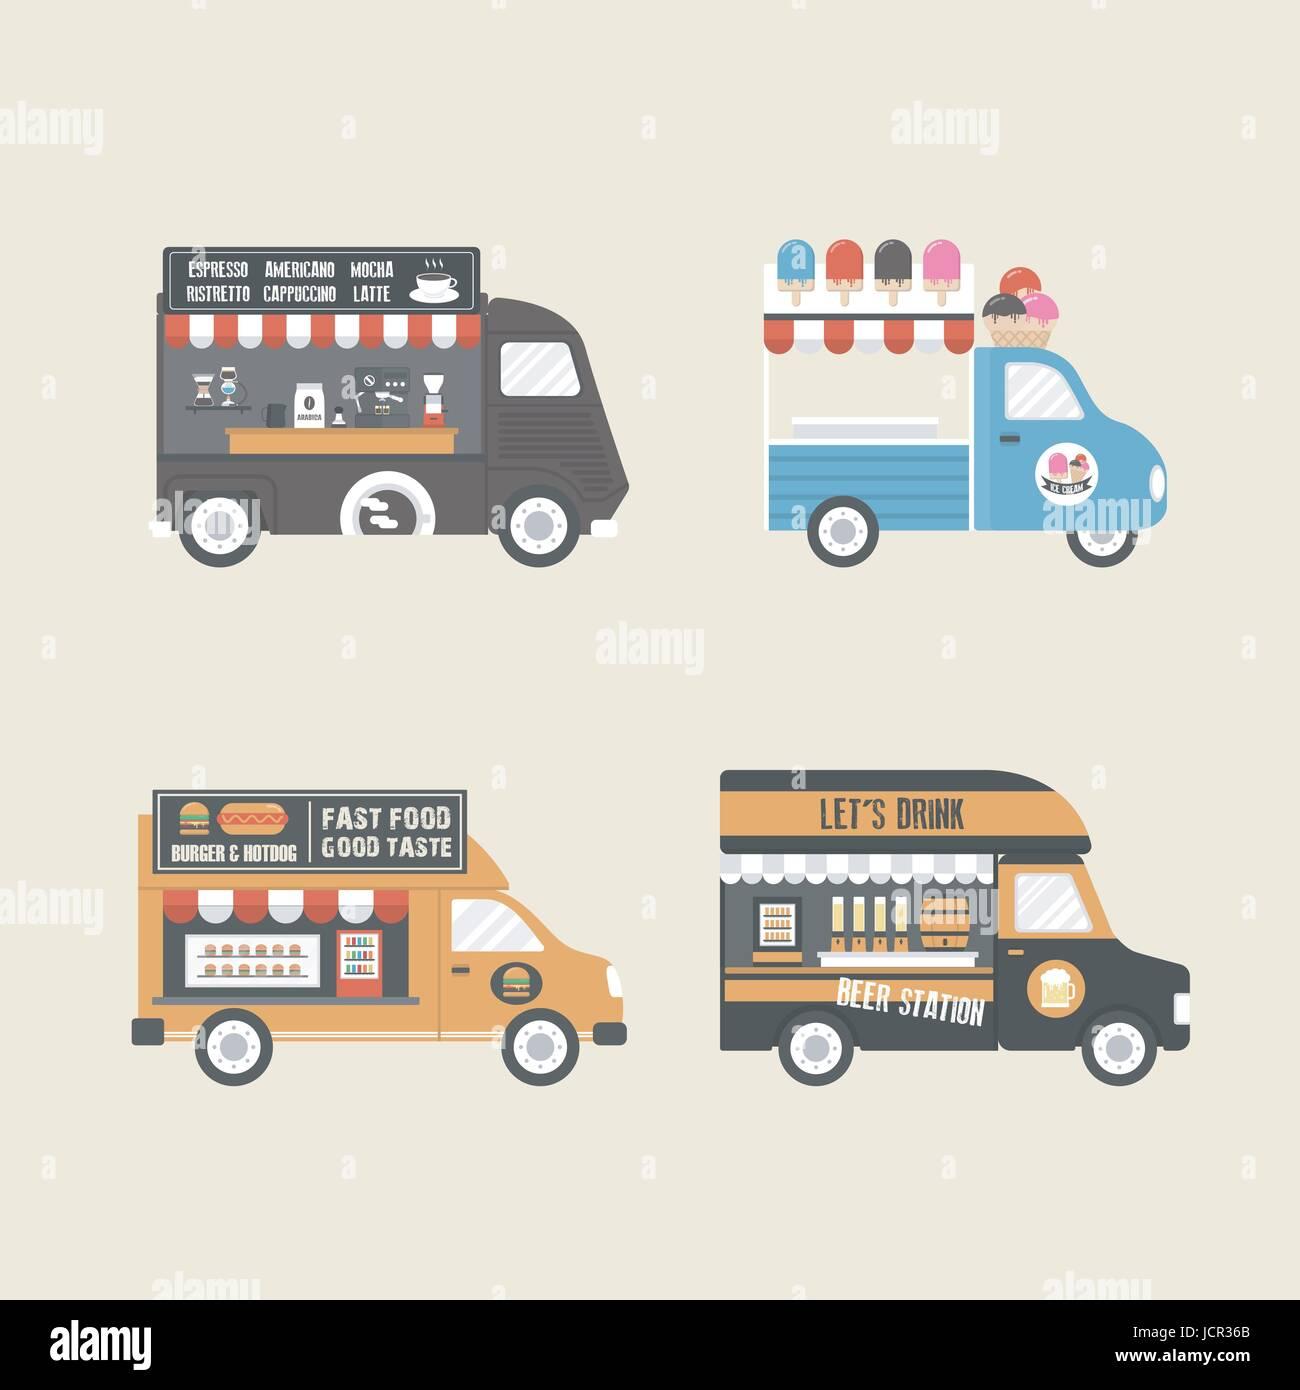 Retro Food Truck Service In Carnival Festival